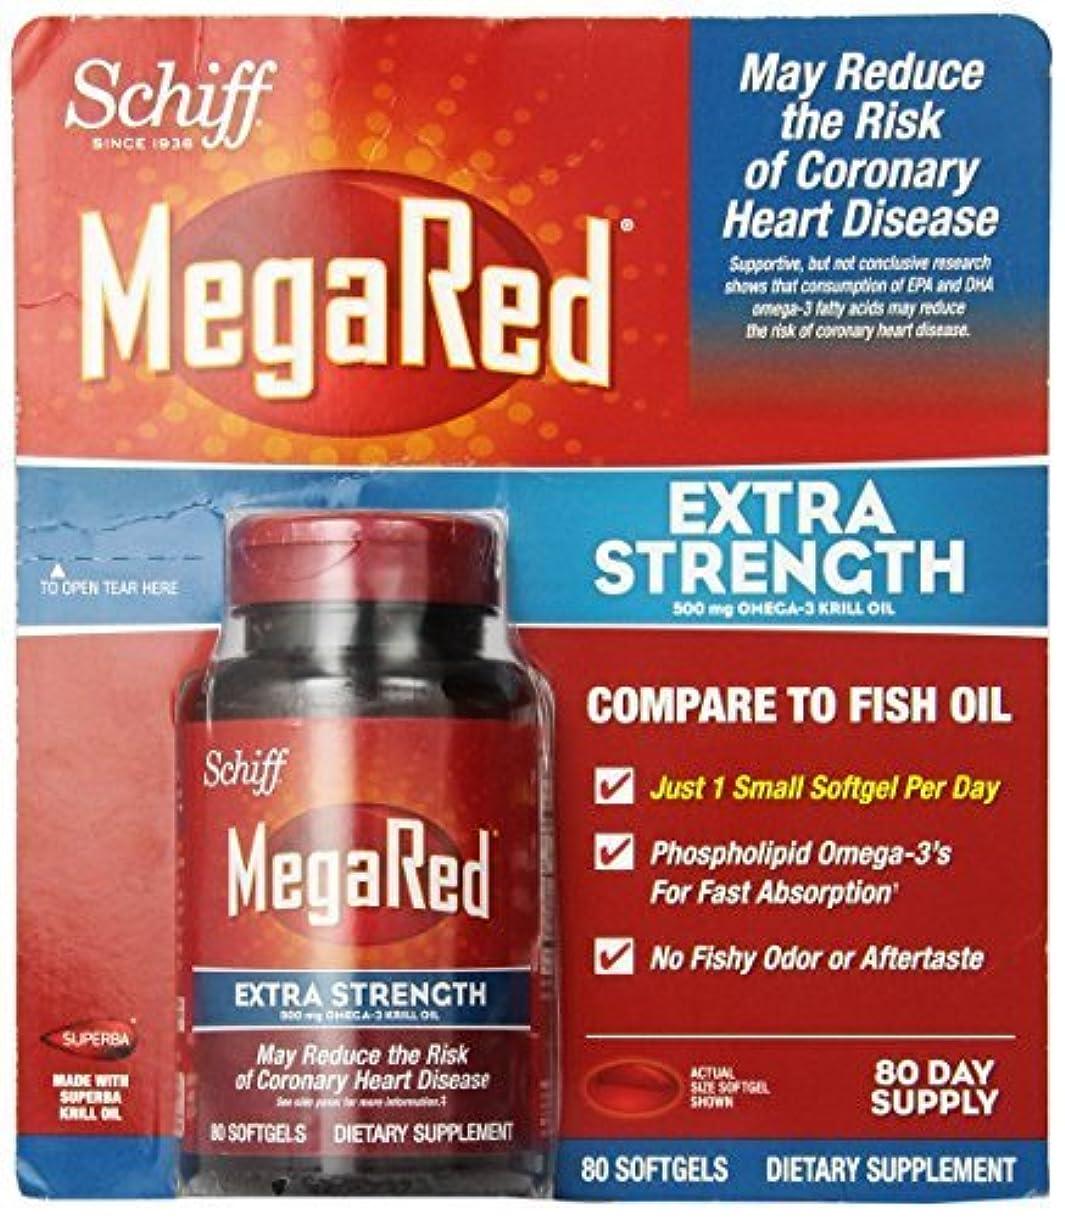 バイオレット工業化する安全性Schiff MegaRed Extra Strength 500mg Omega 3 Krill Oil Softgel, (80 ct) by Megared [並行輸入品]